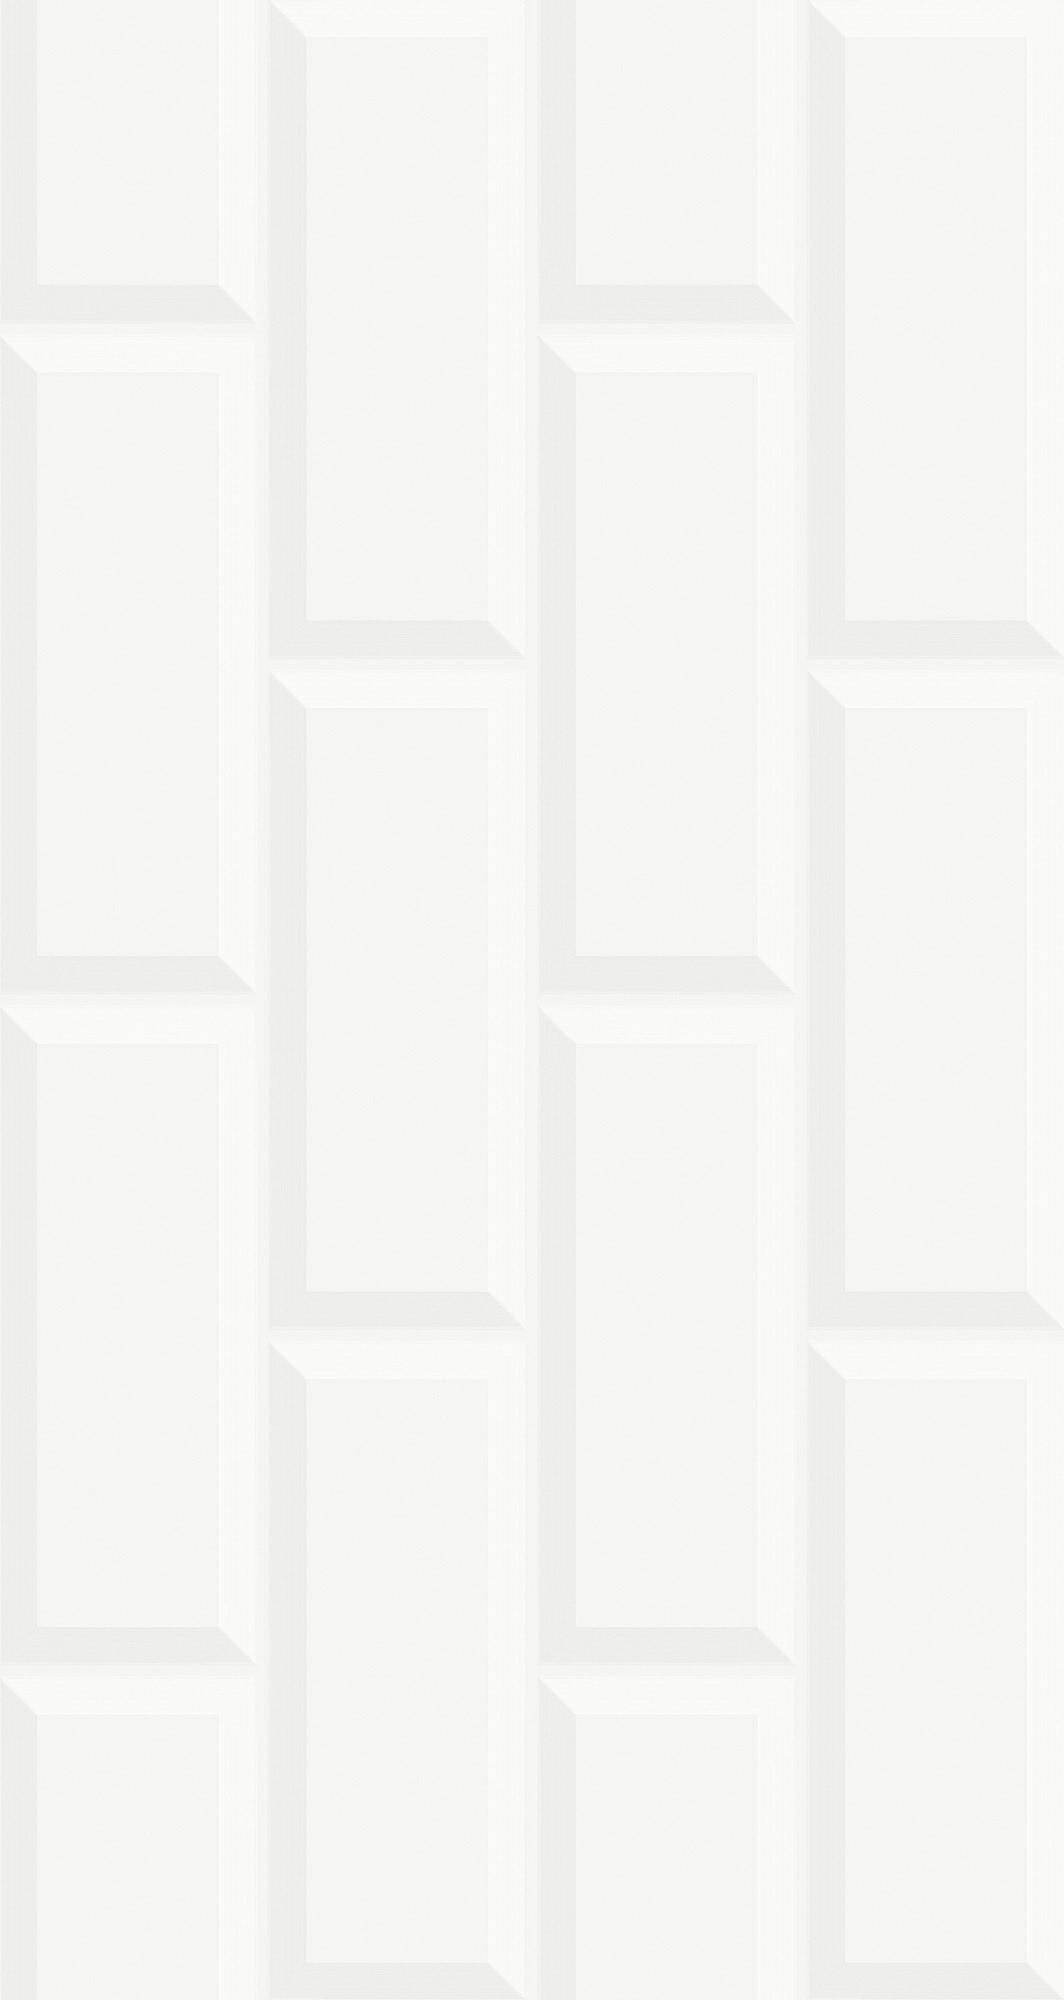 AZULEJO PISOFORTE 32X60A DECORARE BIANCO - CAIXA COM 2,30M2